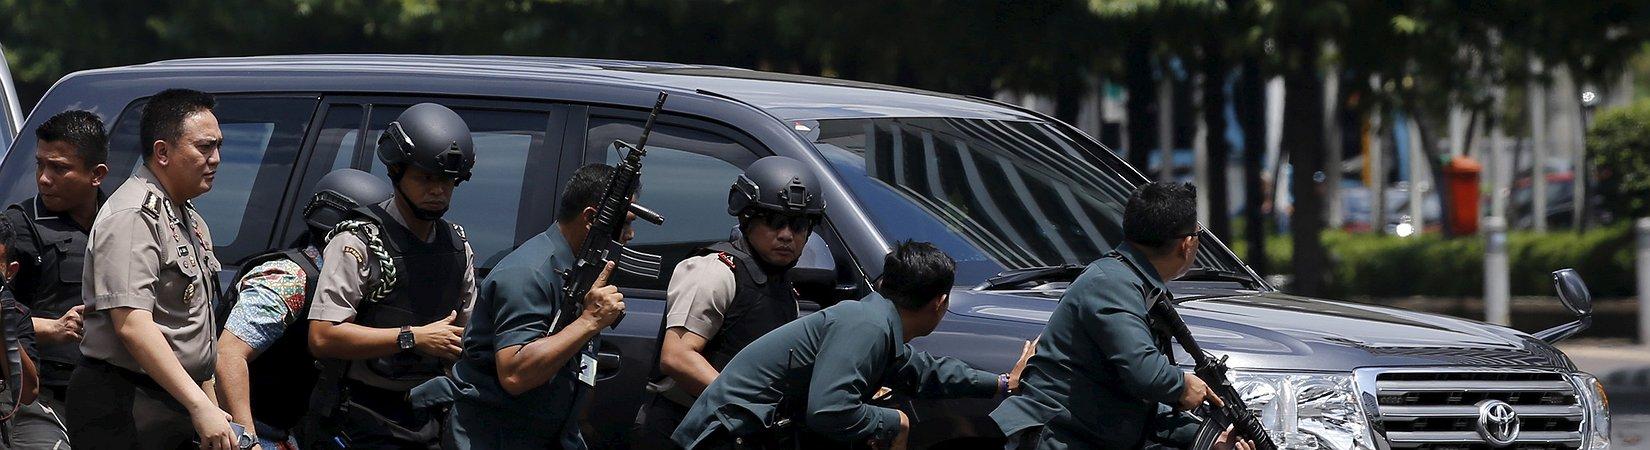 FOTO: Explosionen in Jakarta (18+)